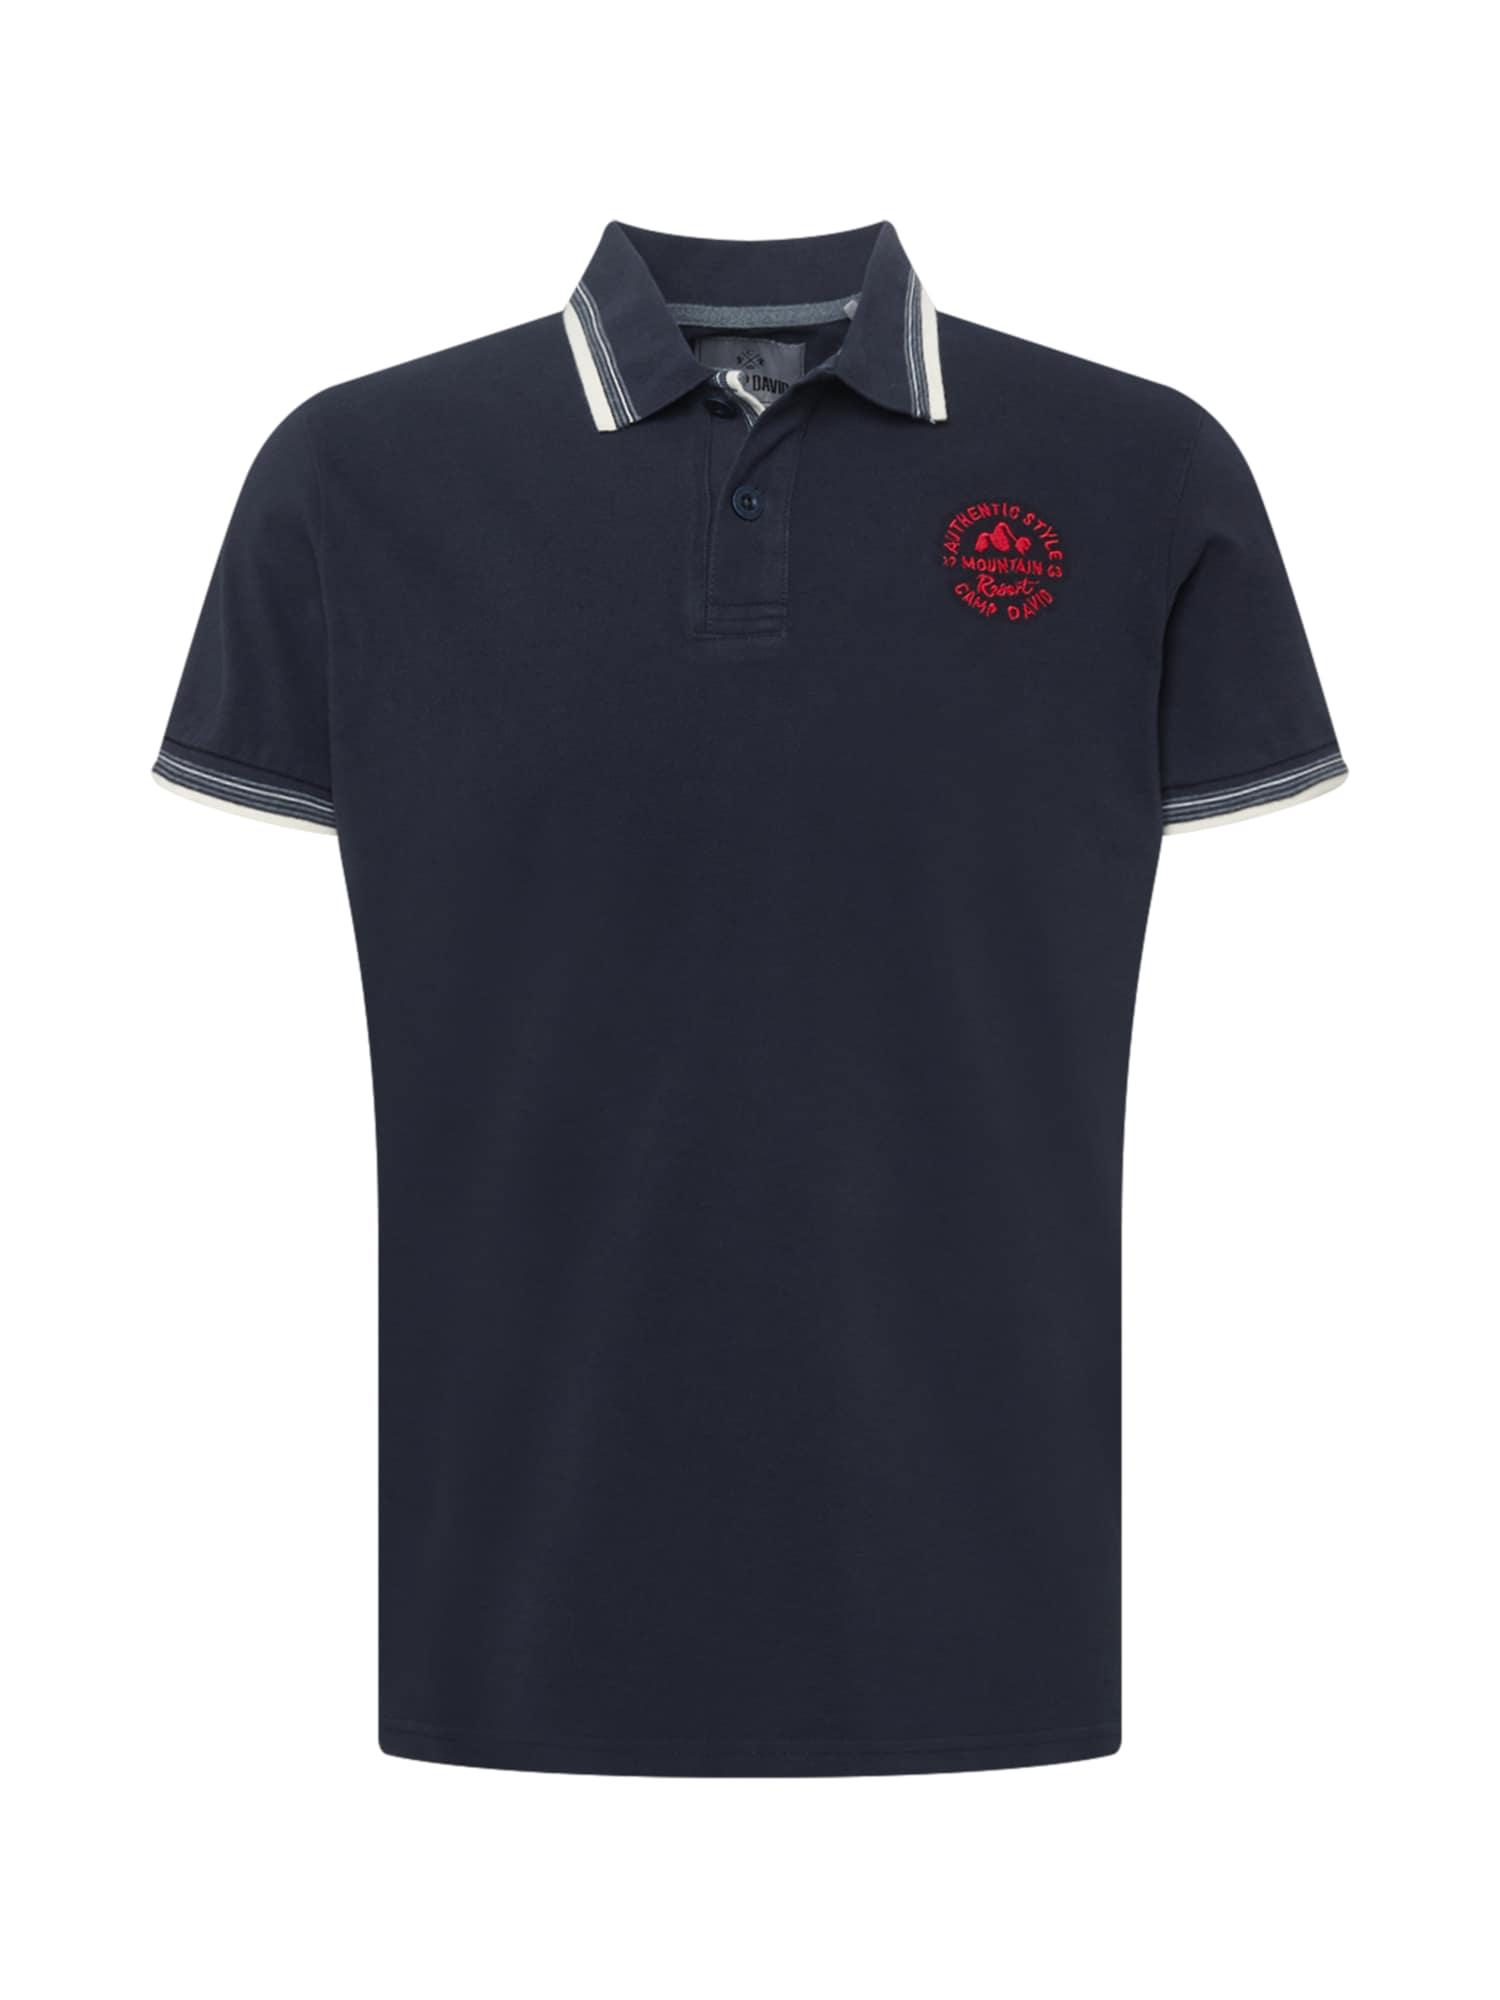 CAMP DAVID Tričko  námořnická modř / ohnivá červená / bílá